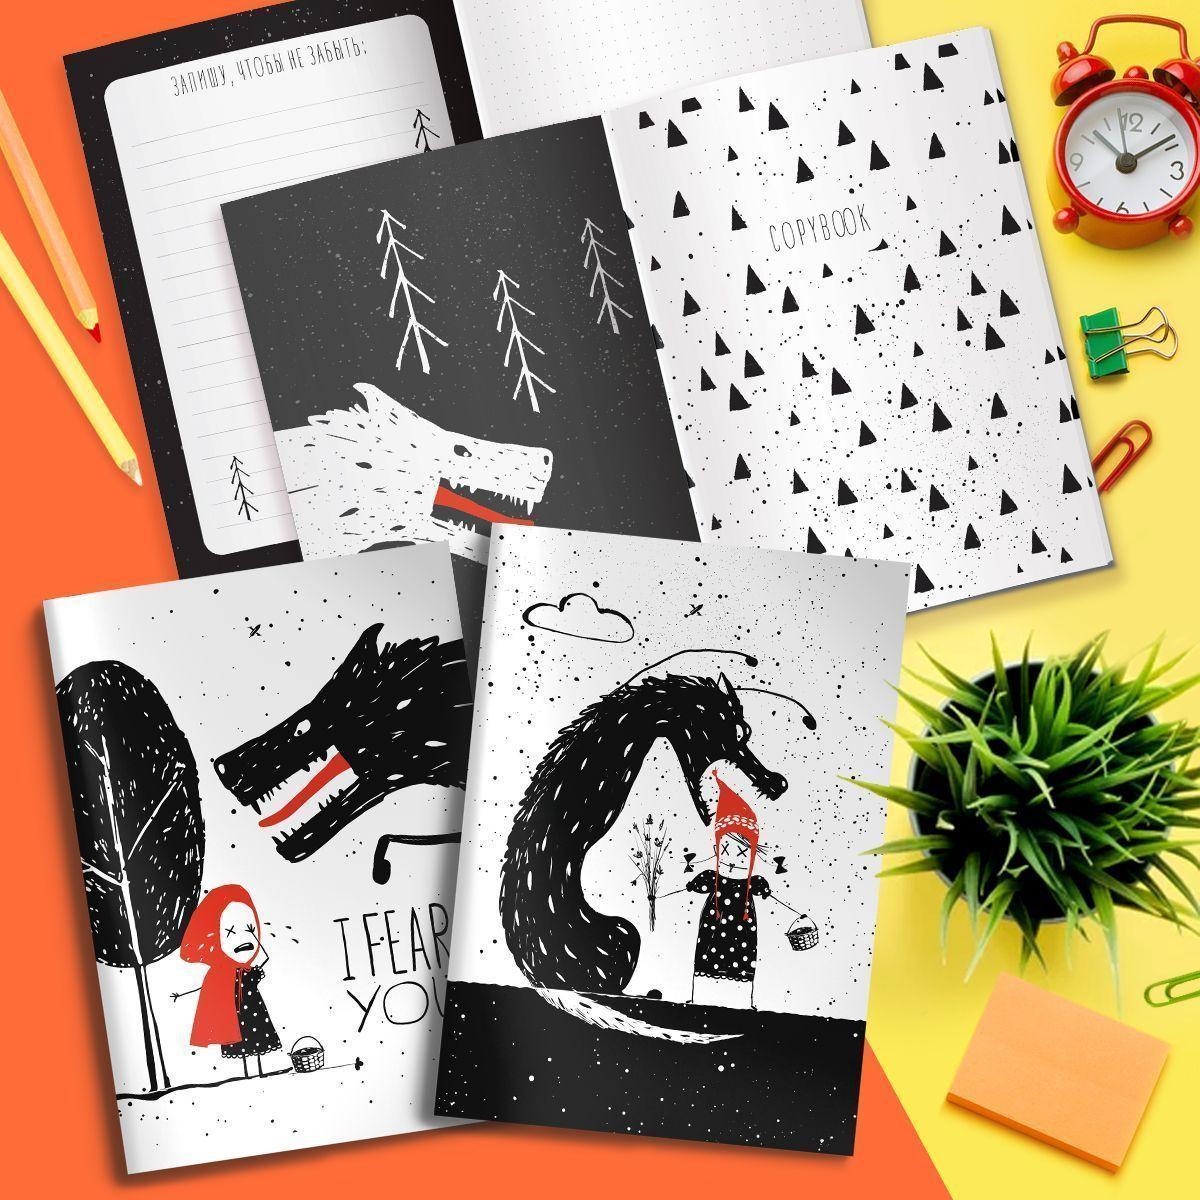 Тетрадь LOREX 48 л, в точку, скрепка, CREEPY WOLF А5 евро,мелованный картон, soft touch лак, офсет, двойная обложка, запечатаный форзац